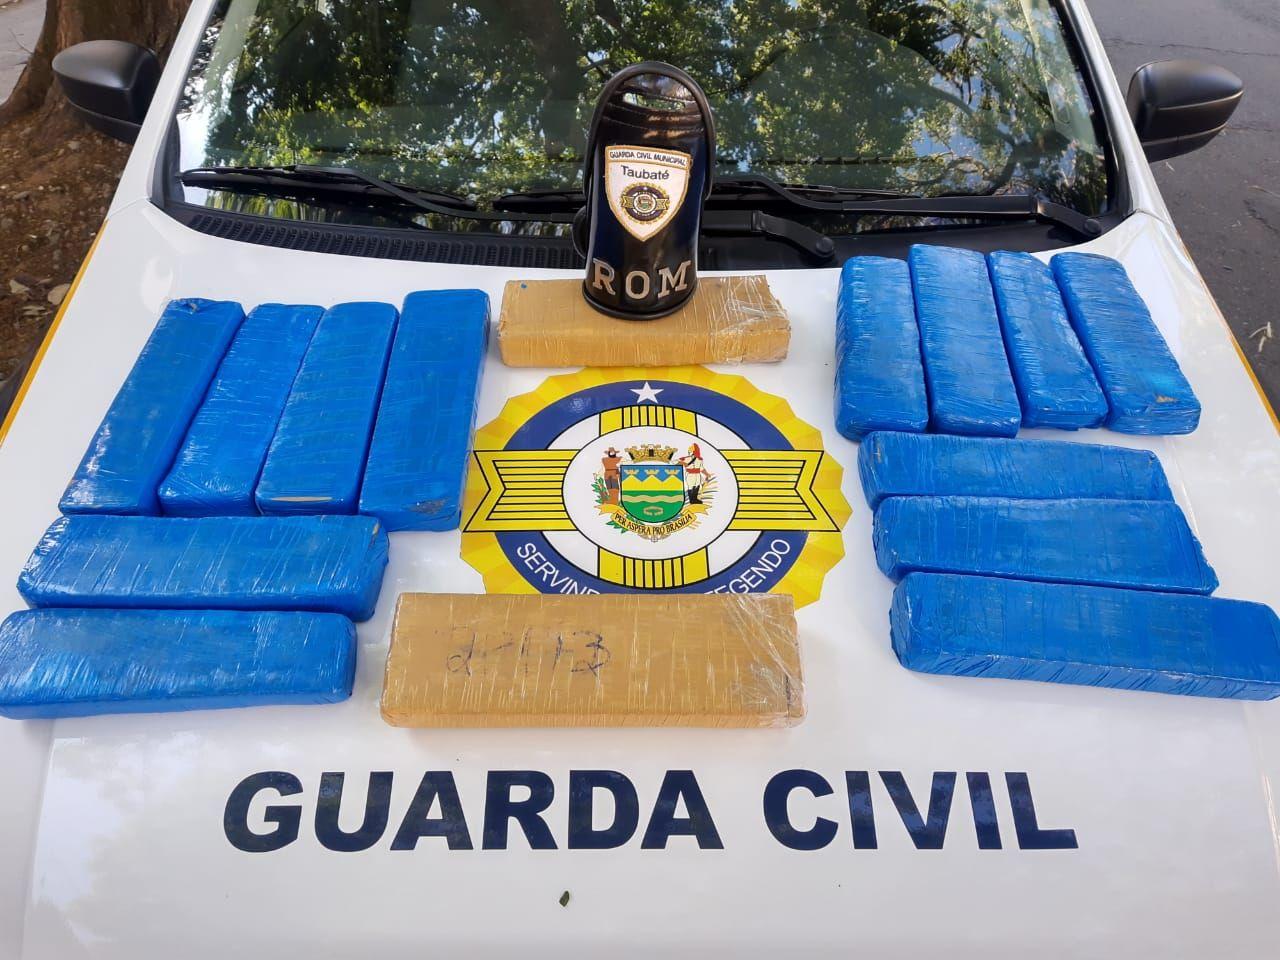 Homem é preso com 15 tijolos de maconha na mala em Taubaté